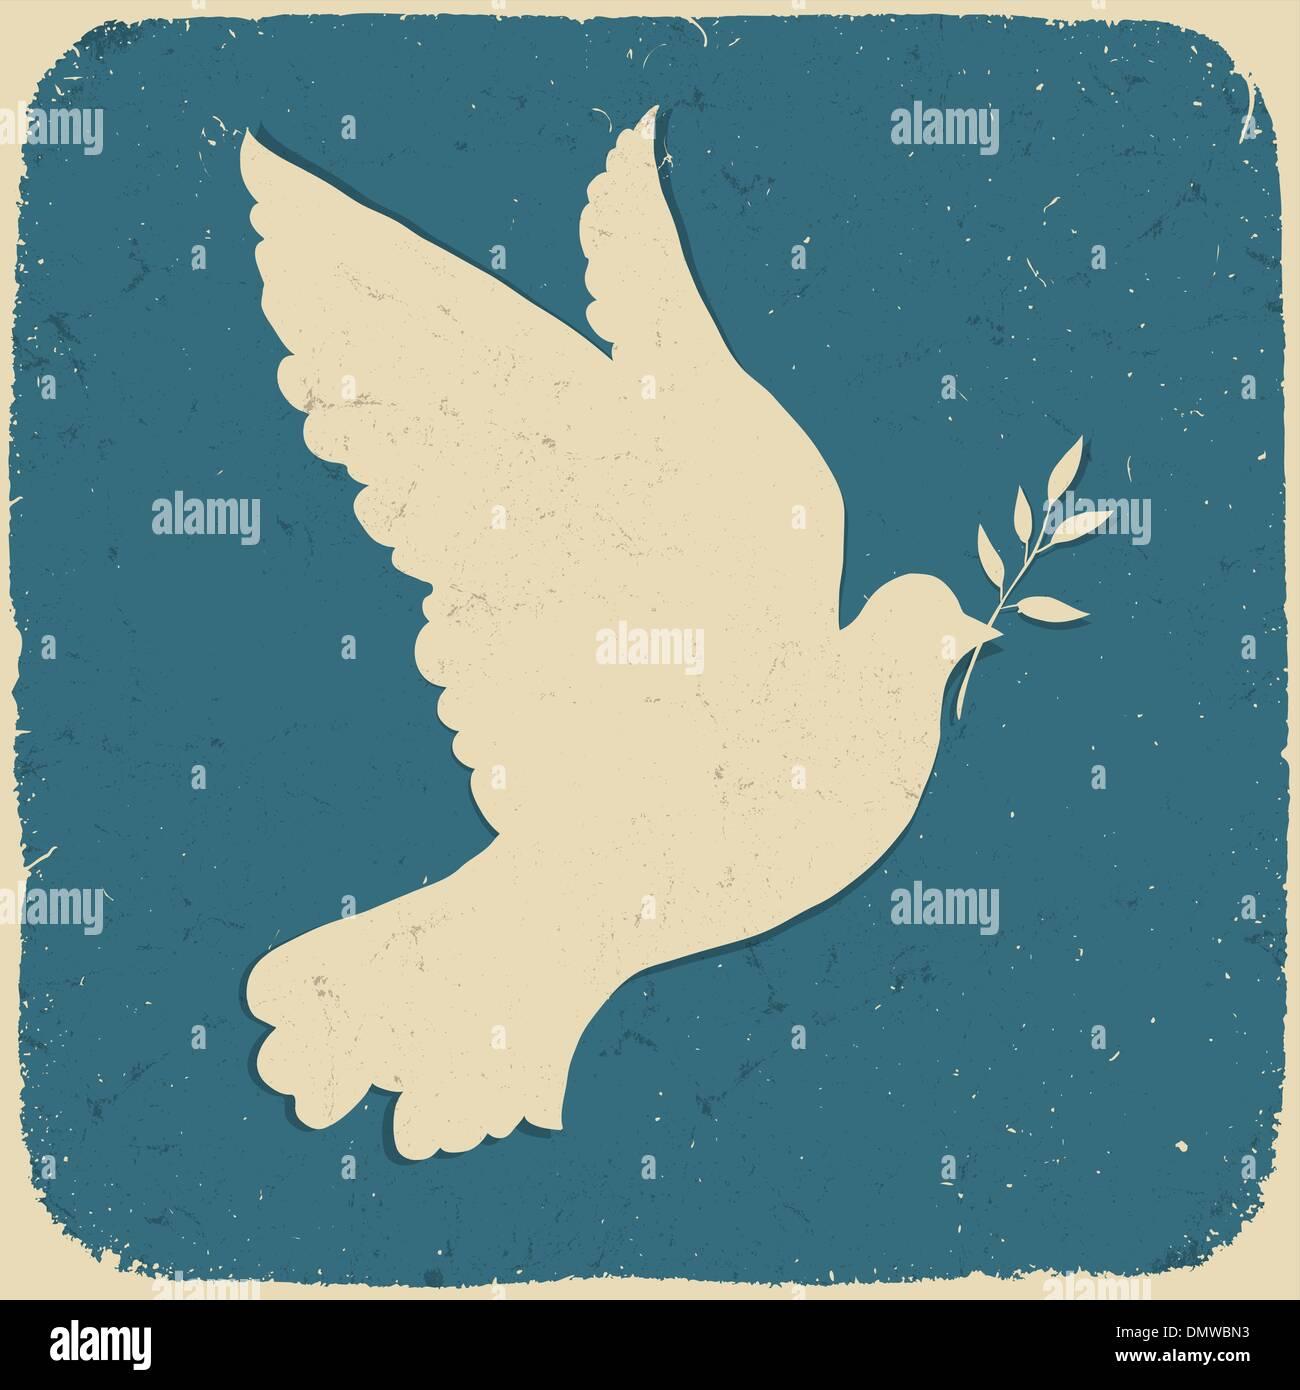 Paloma de la paz. Ilustración de estilo retro, vector eps10.Ilustración del Vector